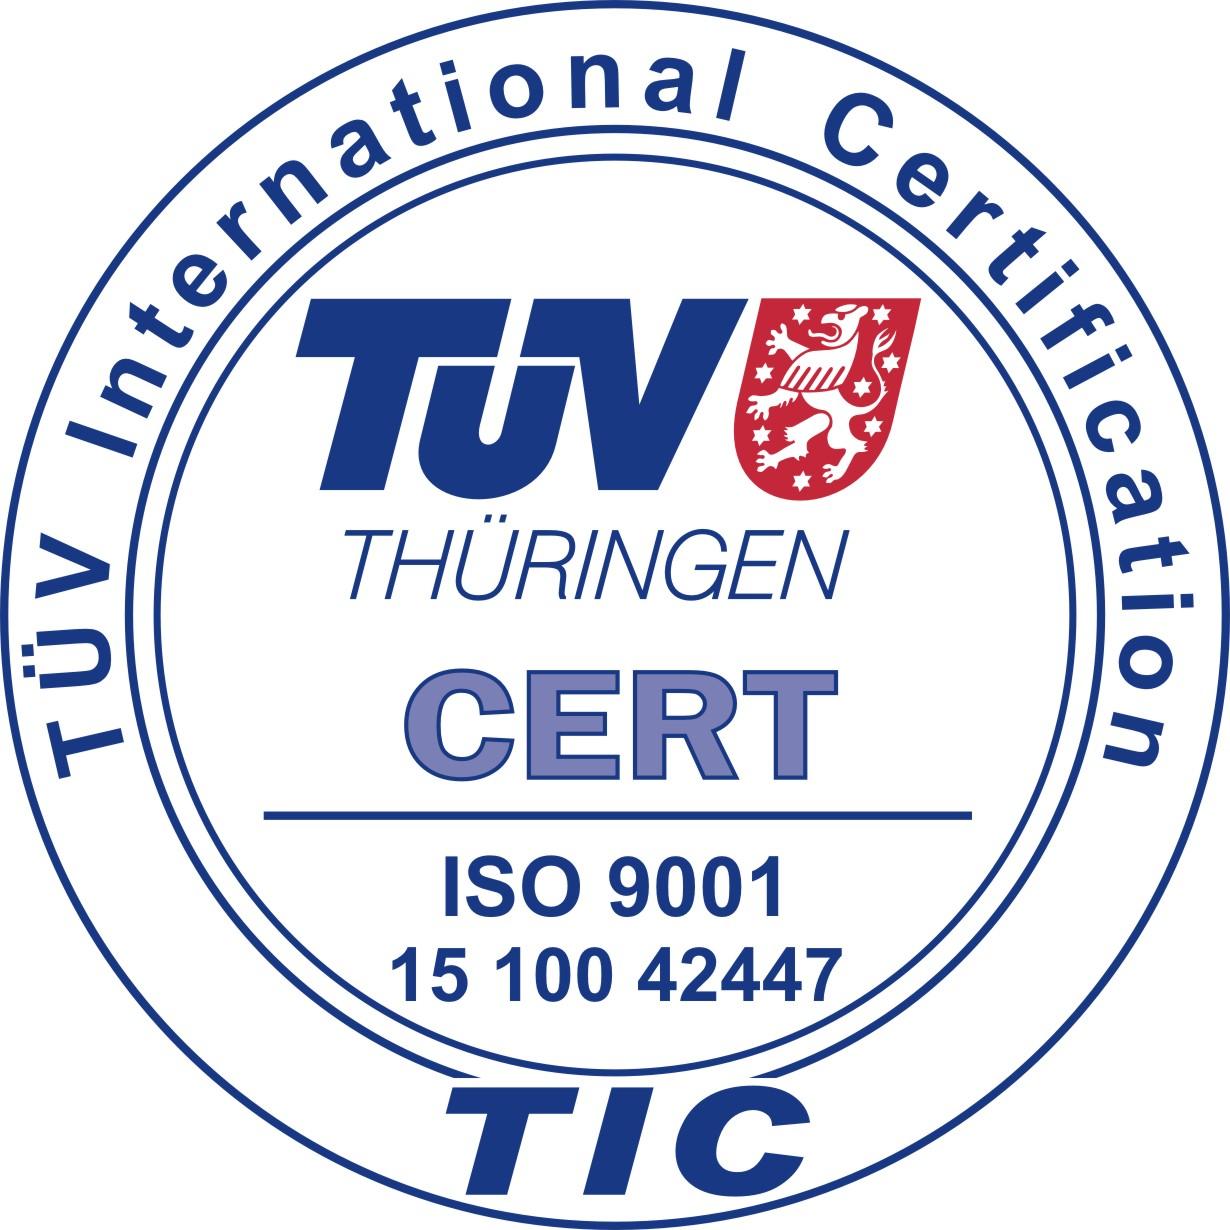 2016 - Zertifizierung des Qualitätsmanagementsystems nach DIN EN ISO 9001